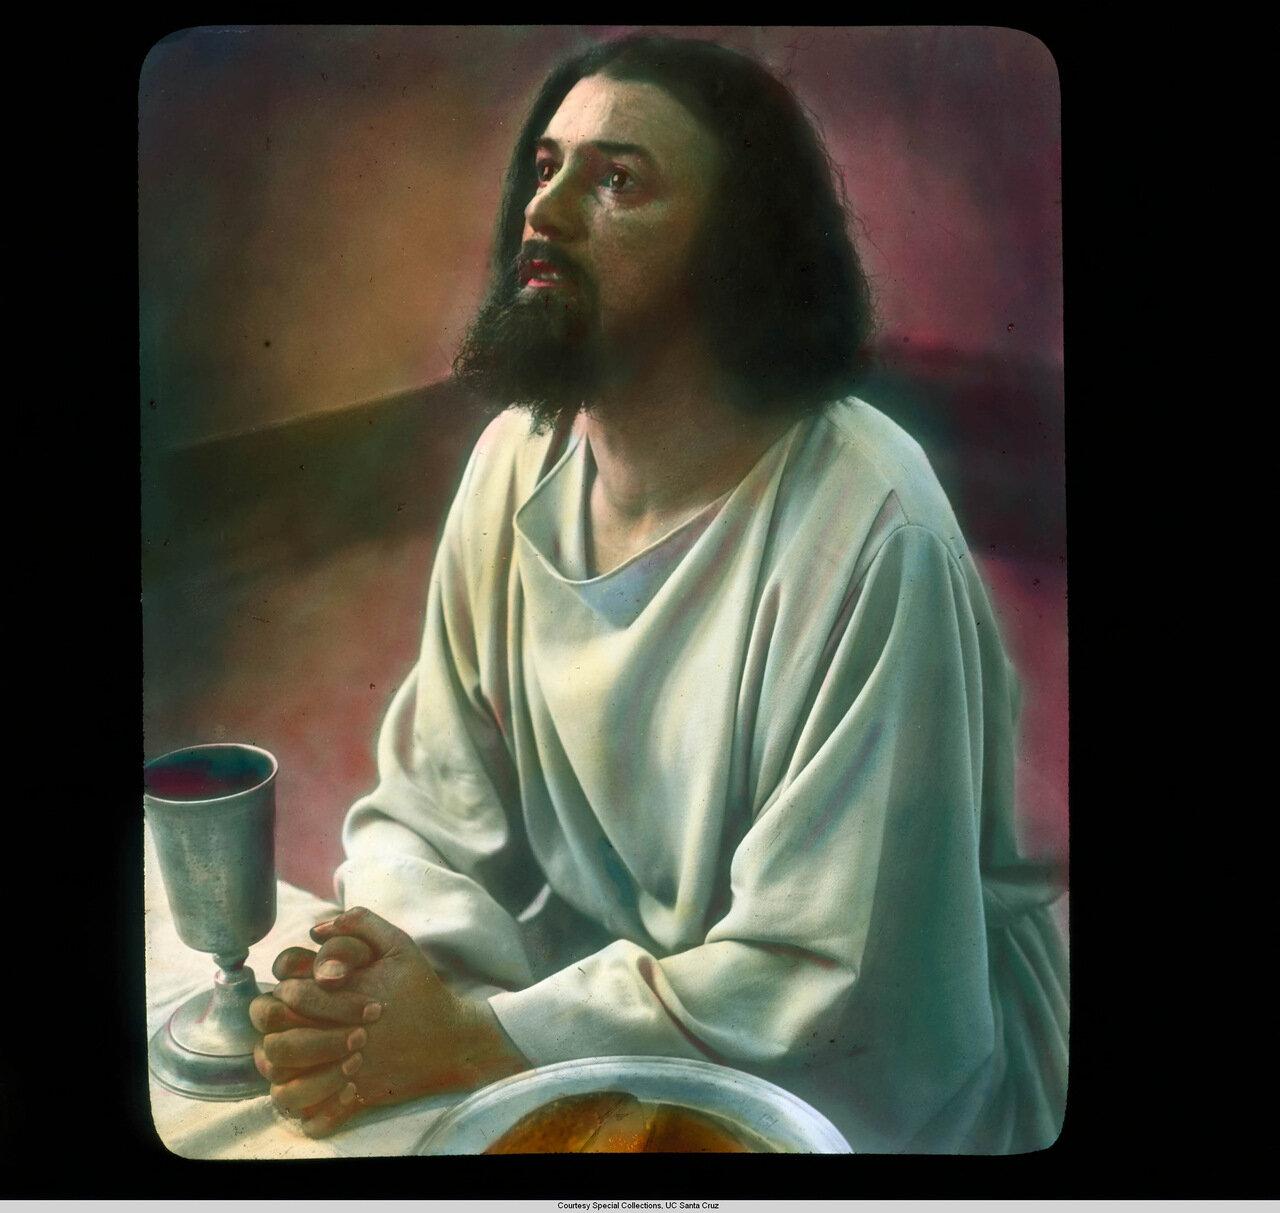 Обераммергау. Страсти Христовы. Алоис Лэнг в роли Иисуса